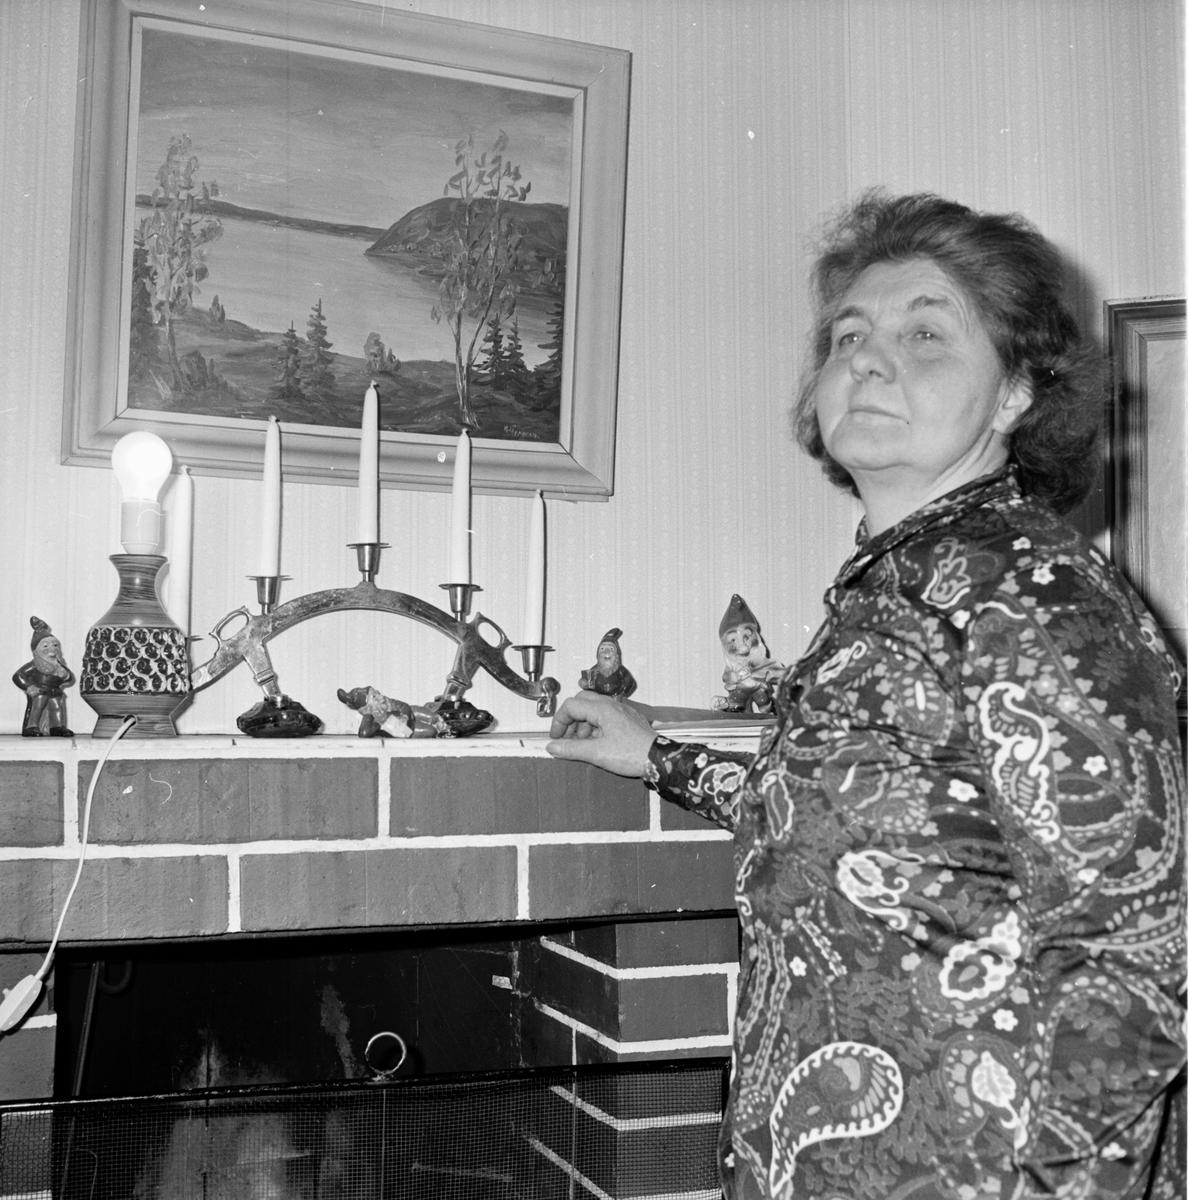 Vallsta, Svenska Svea, Jan 1972